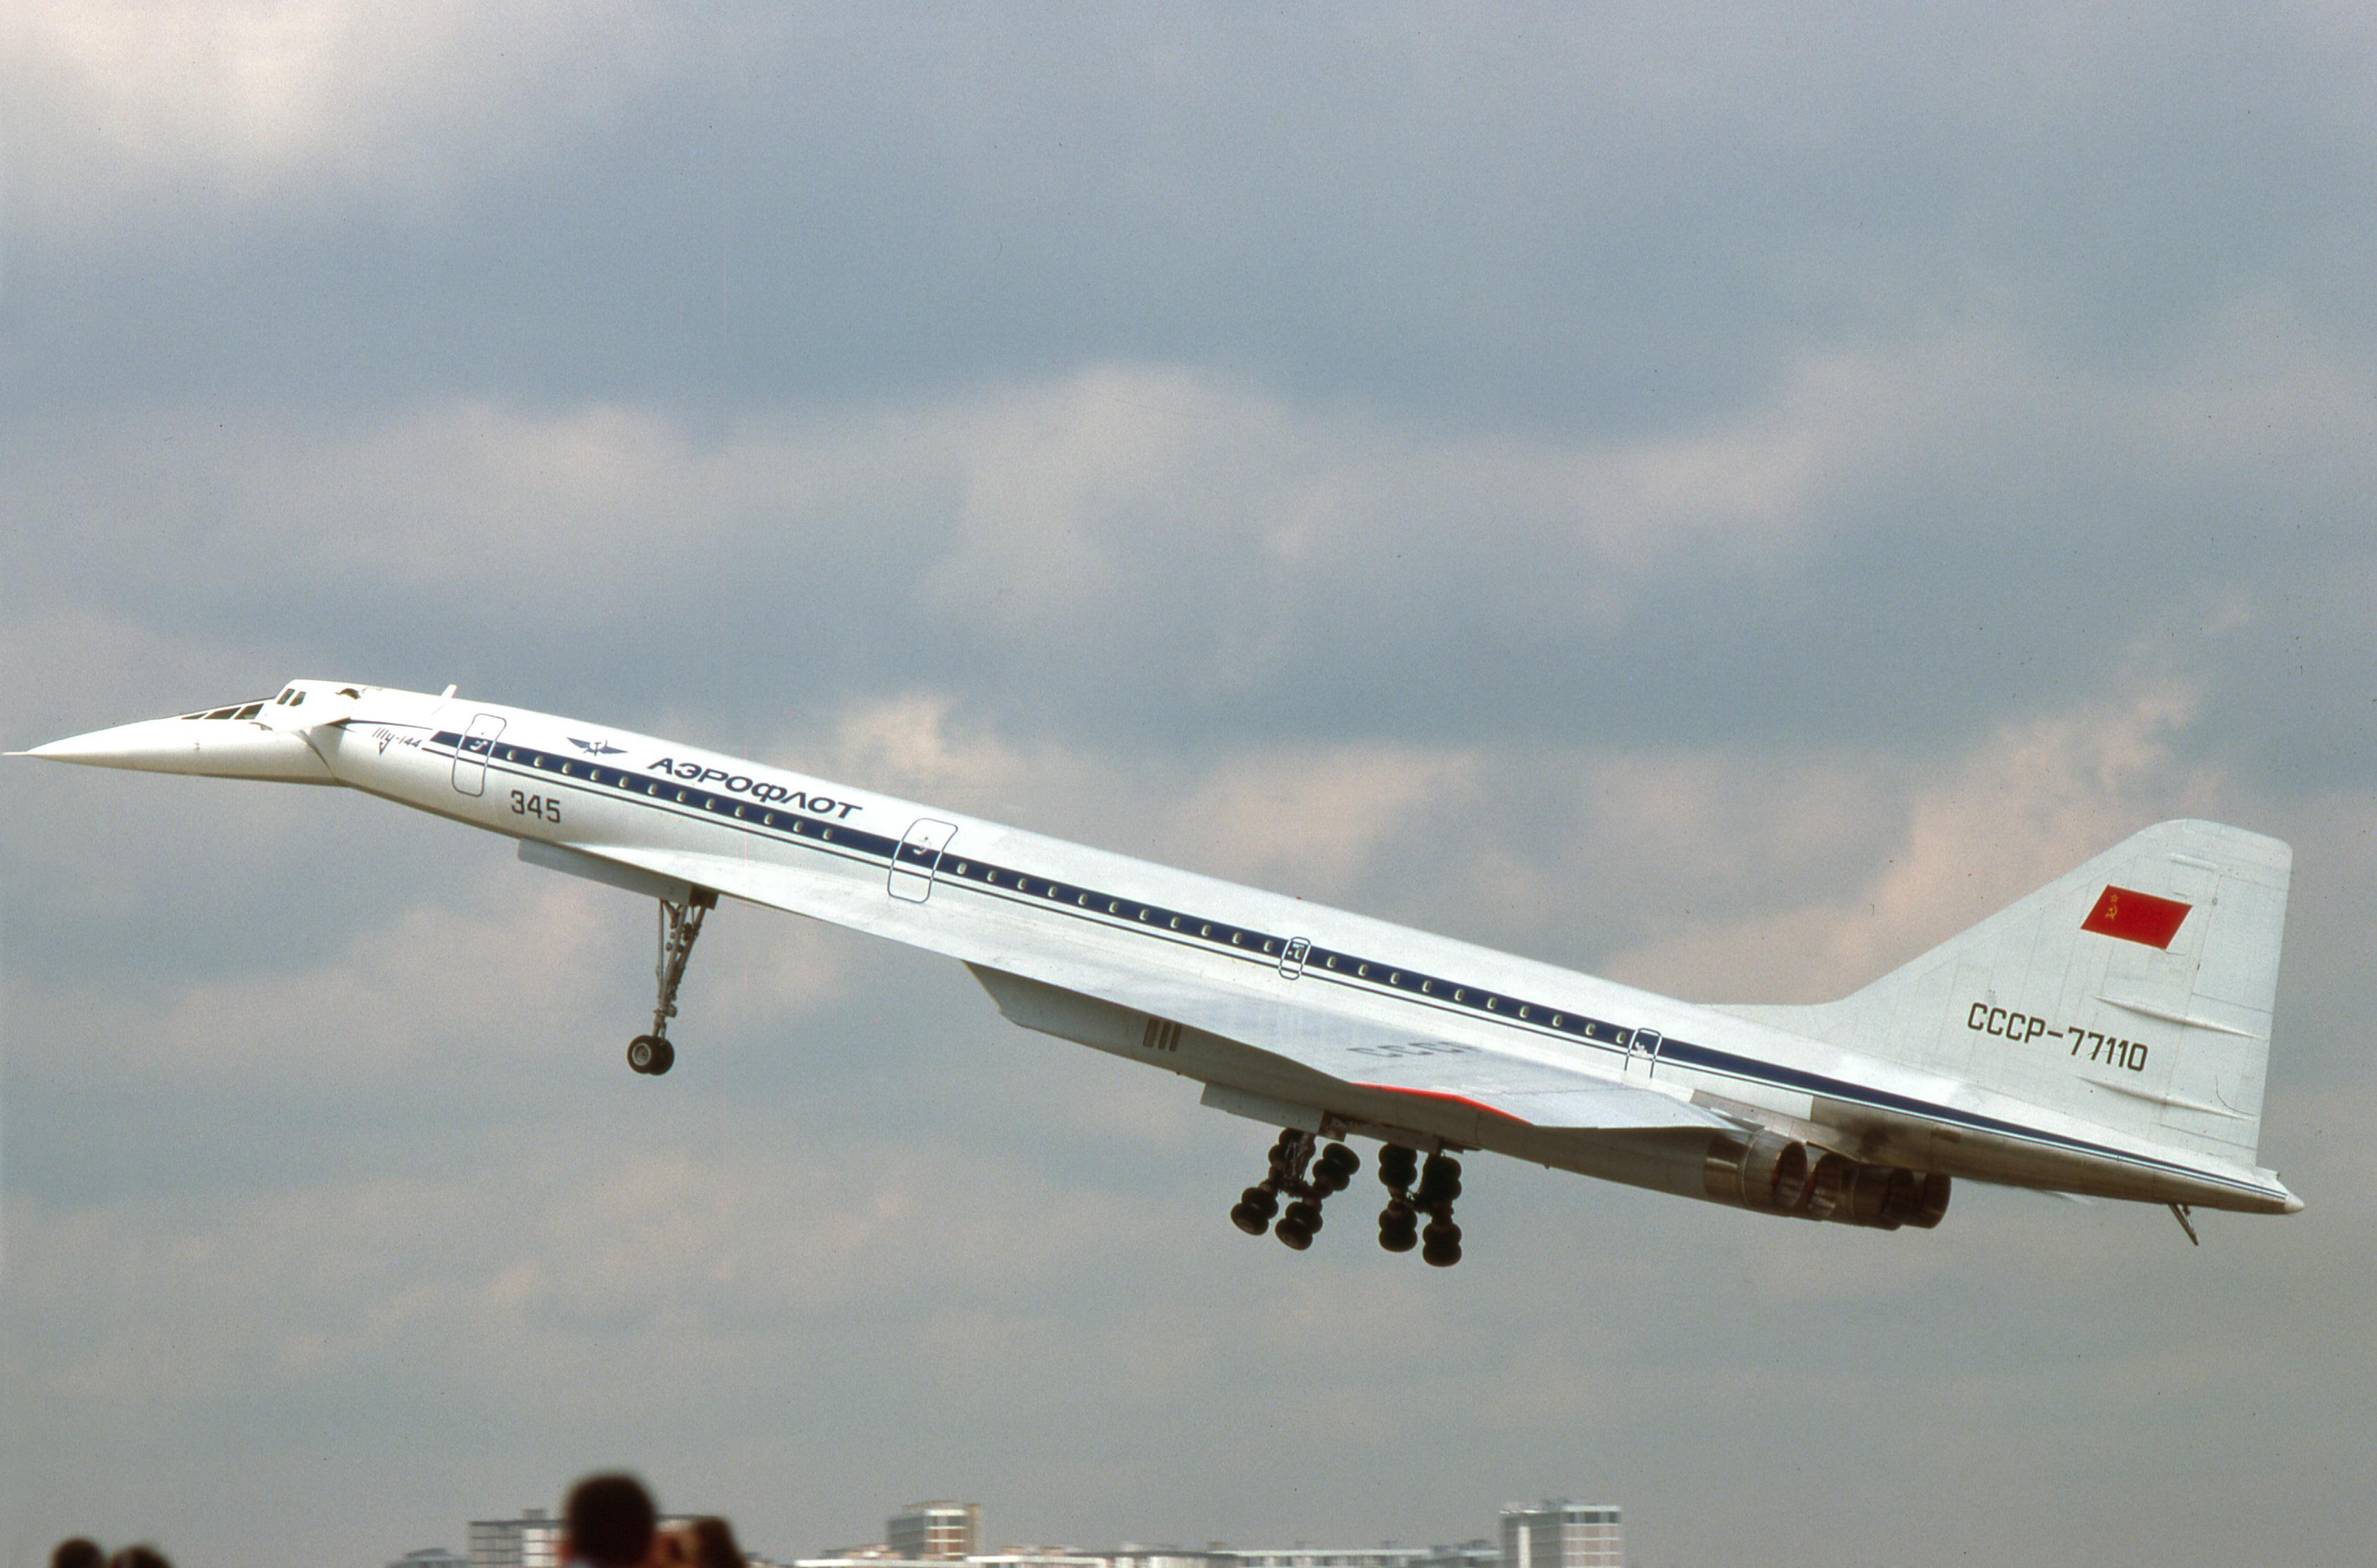 Aeroflot - Wikipedia